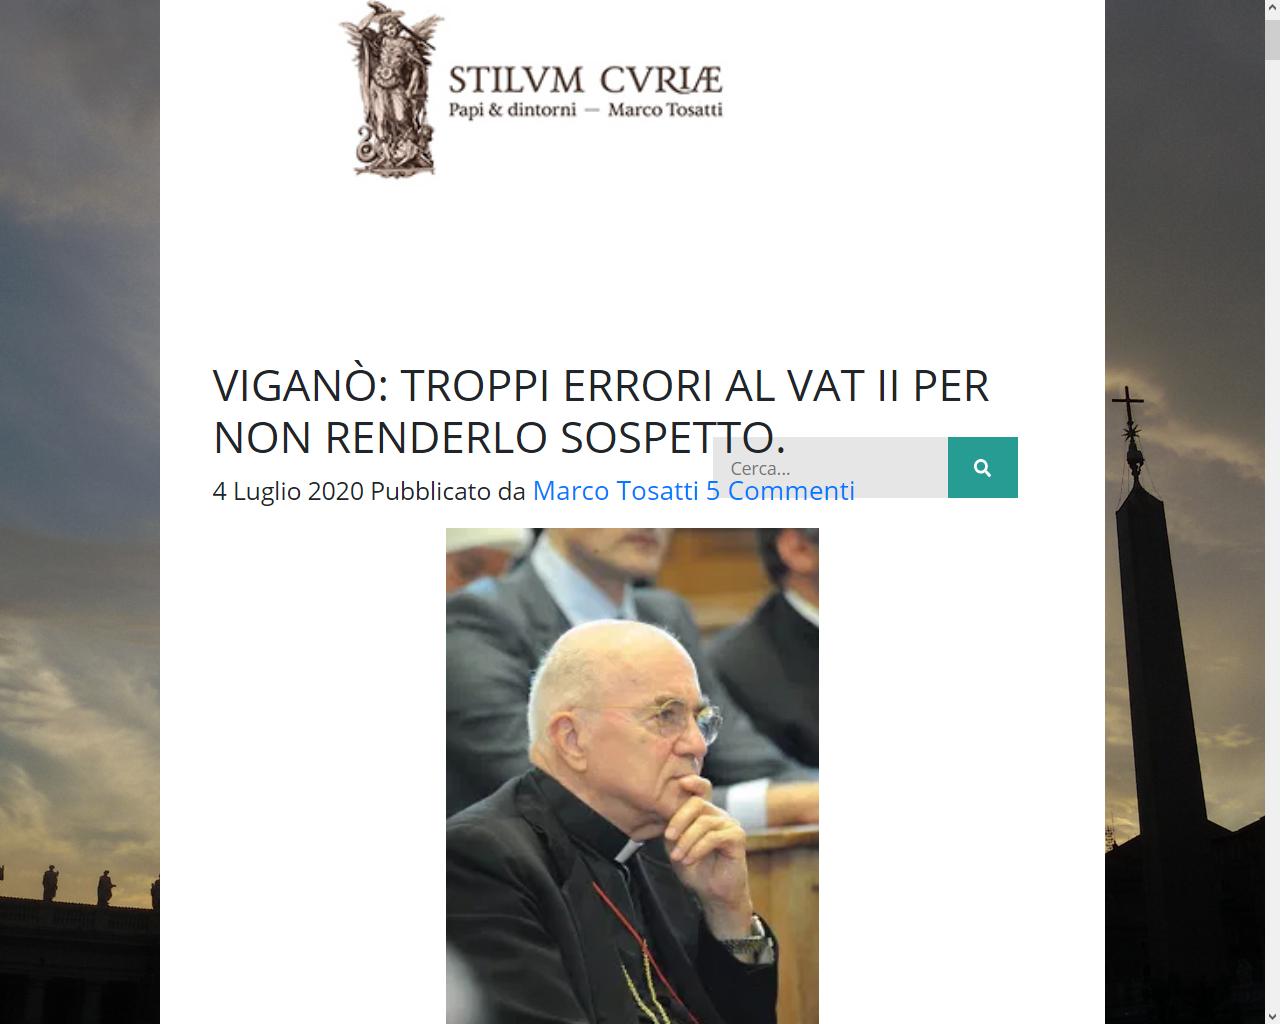 https://www.marcotosatti.com/2020/07/04/vigano-troppi-errori-al-vat-ii-per-non-renderlo-sospetto/